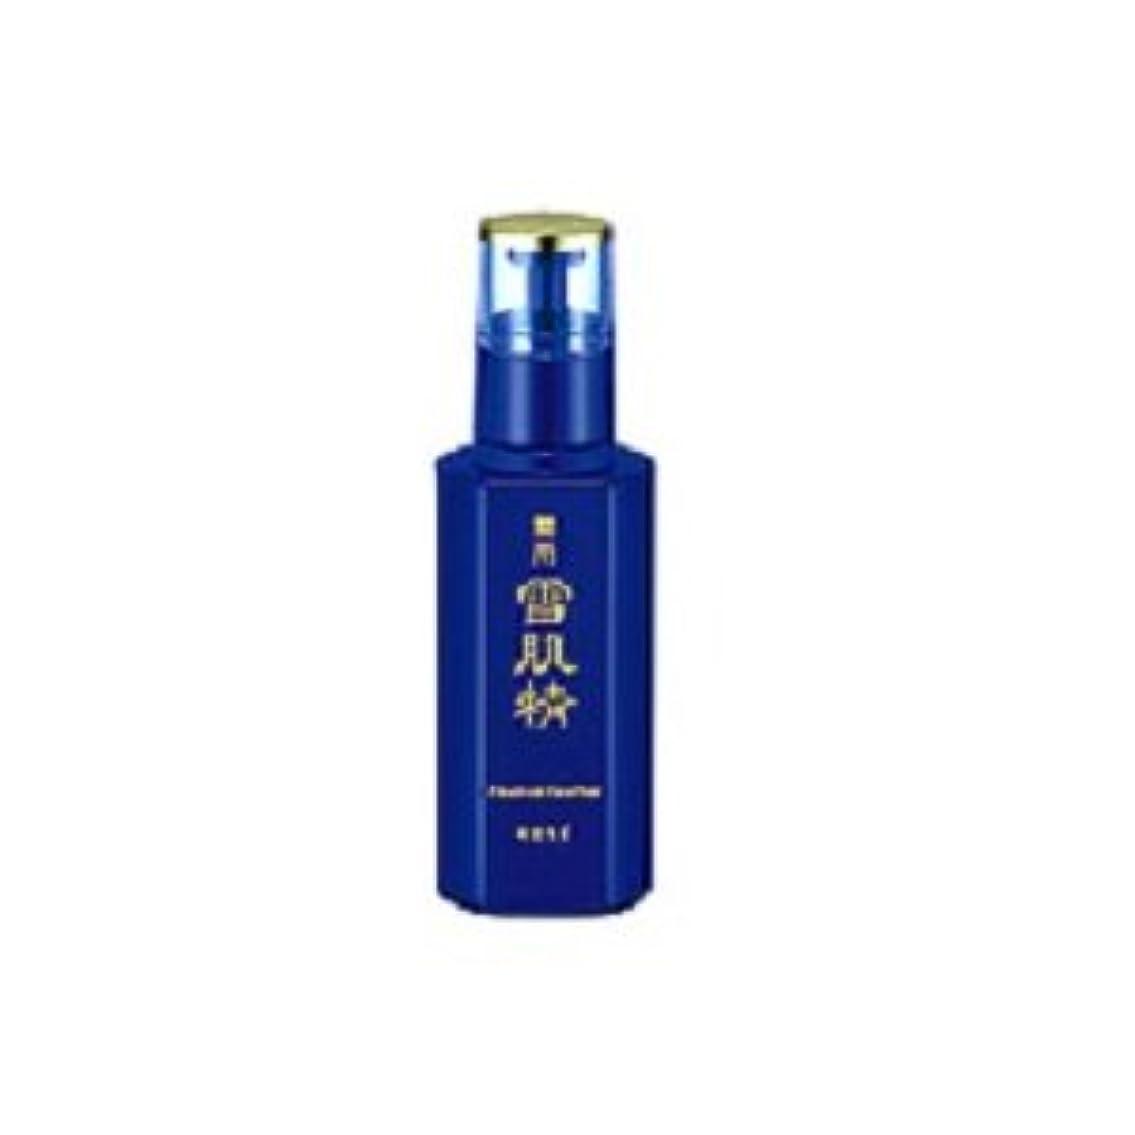 ヒールコンソールボックスコーセー 薬用 雪肌精 乳液 エクセレント 140ml アウトレット